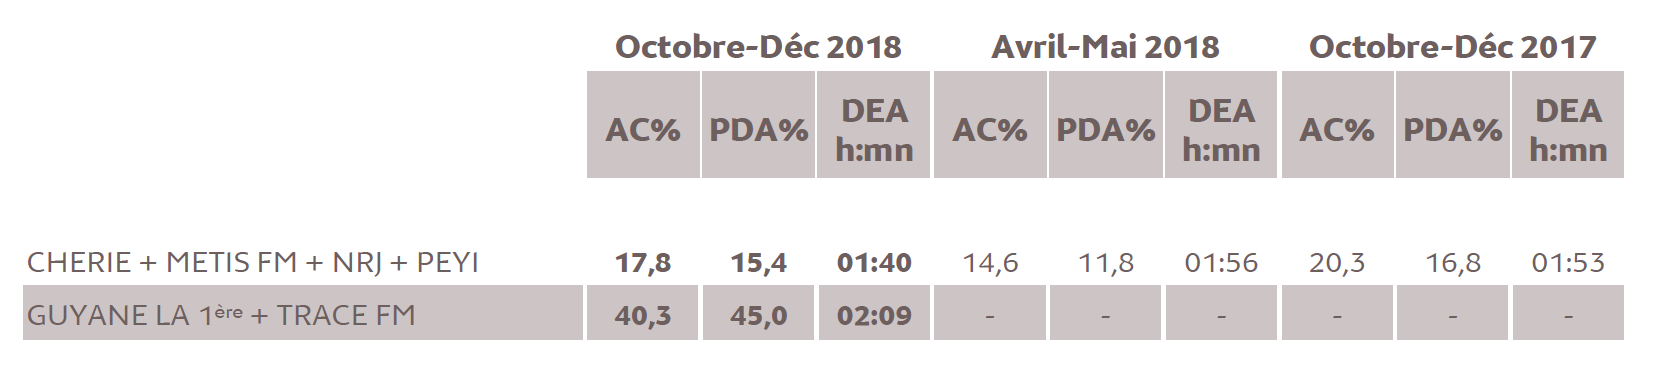 Source : Médiamétrie  - Métridom Guyane Octobre - Décembre  2018  - 13 ans et plus  - Copyright Médiamétrie  - Tous droits réservés